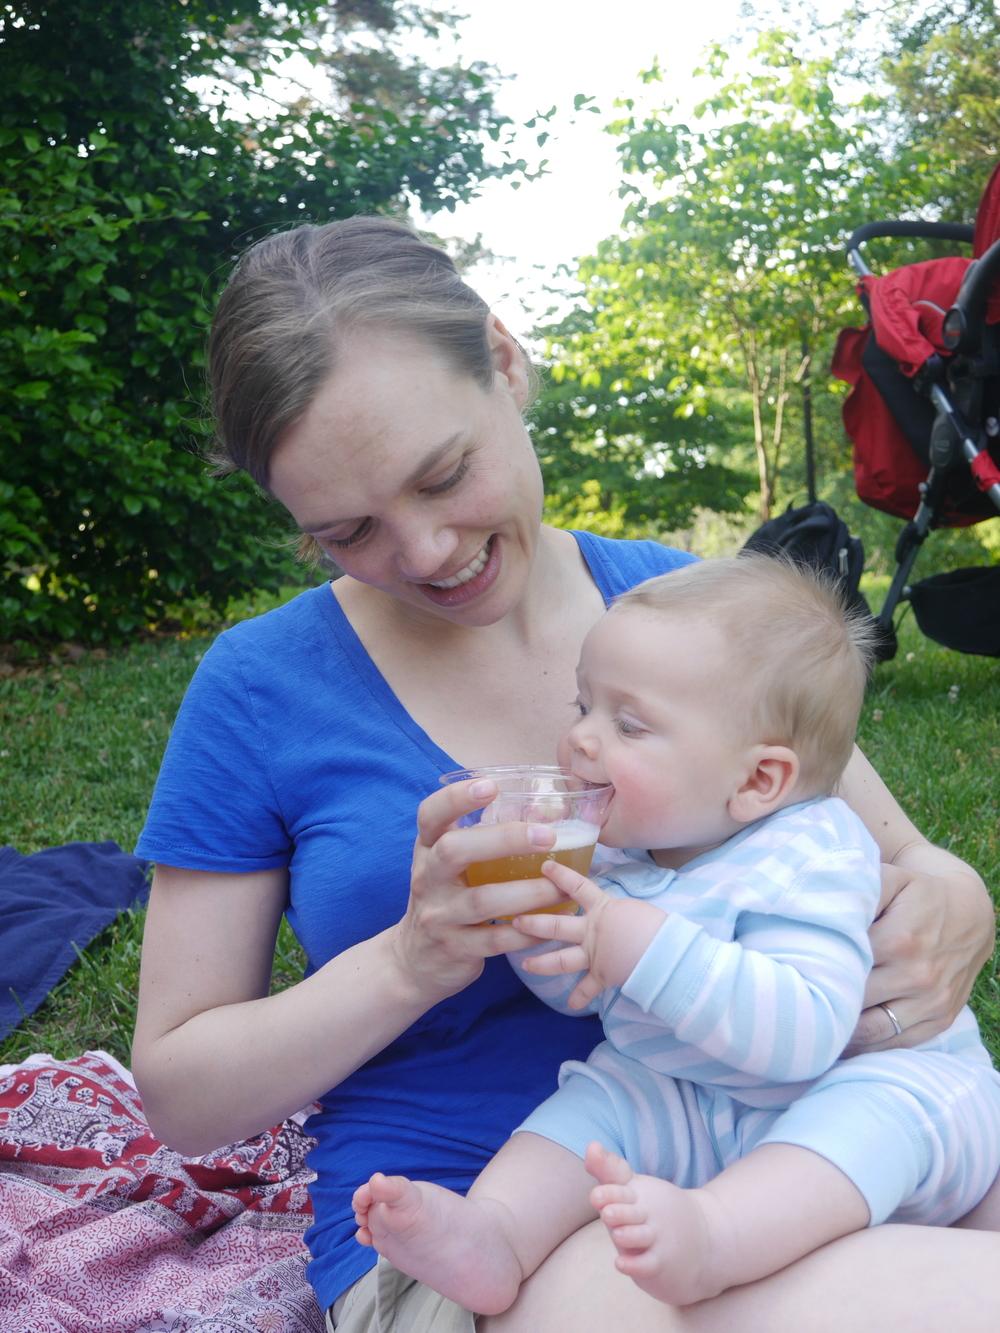 Gabriel finds beer fascinating.